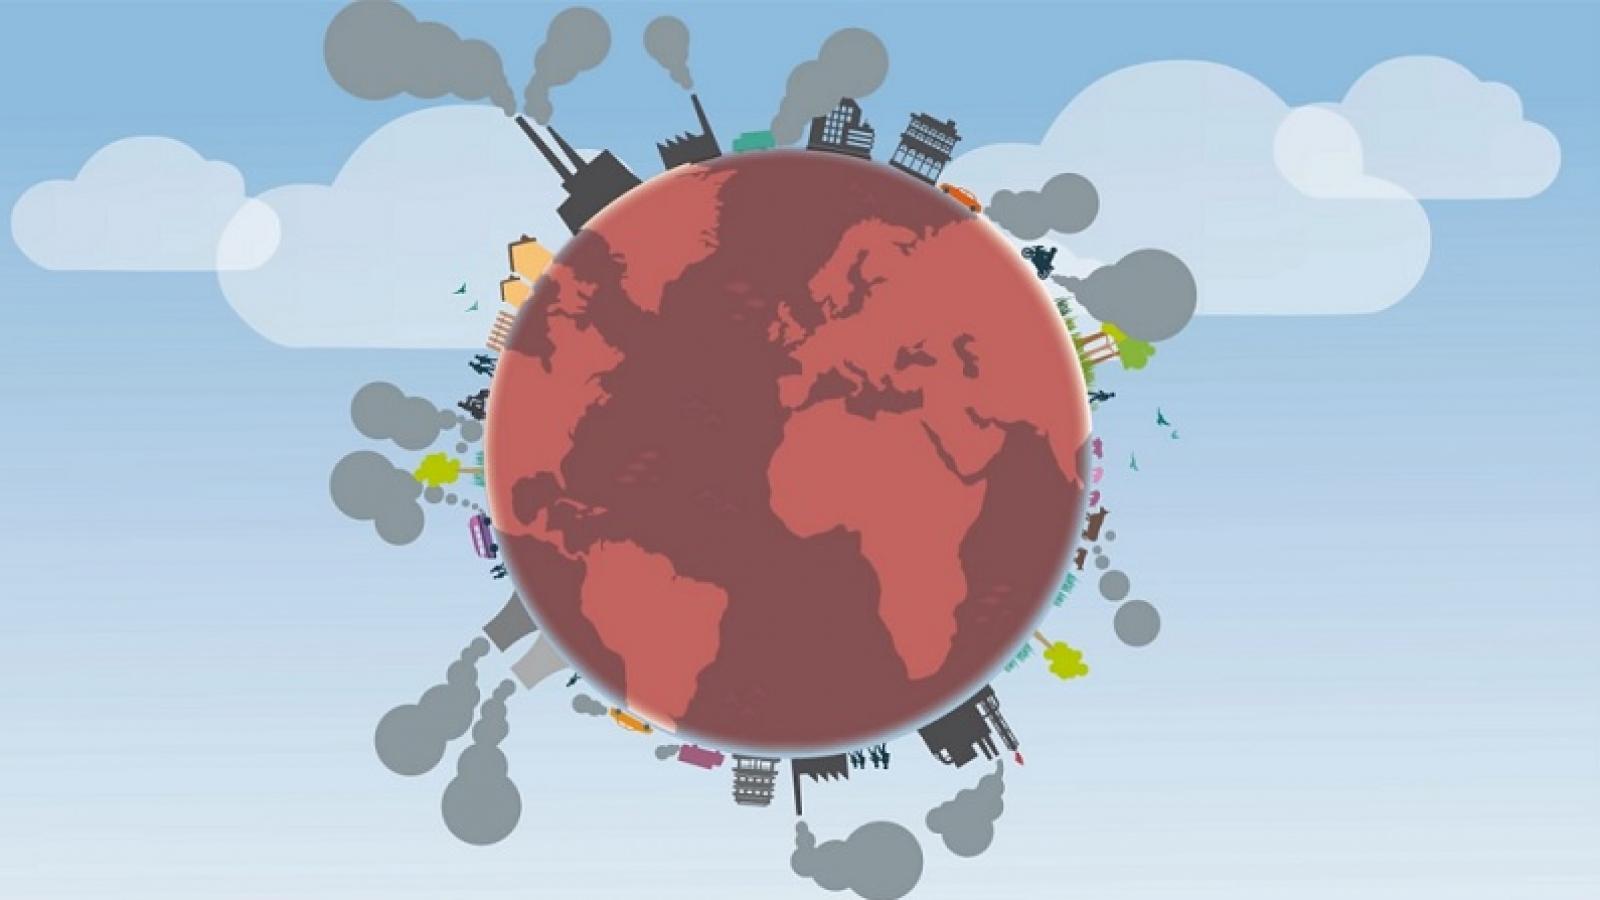 Ấn Độ tuyên bố đang trên đà đạt và vượt các mục tiêu của Hiệp định khí hậu Paris